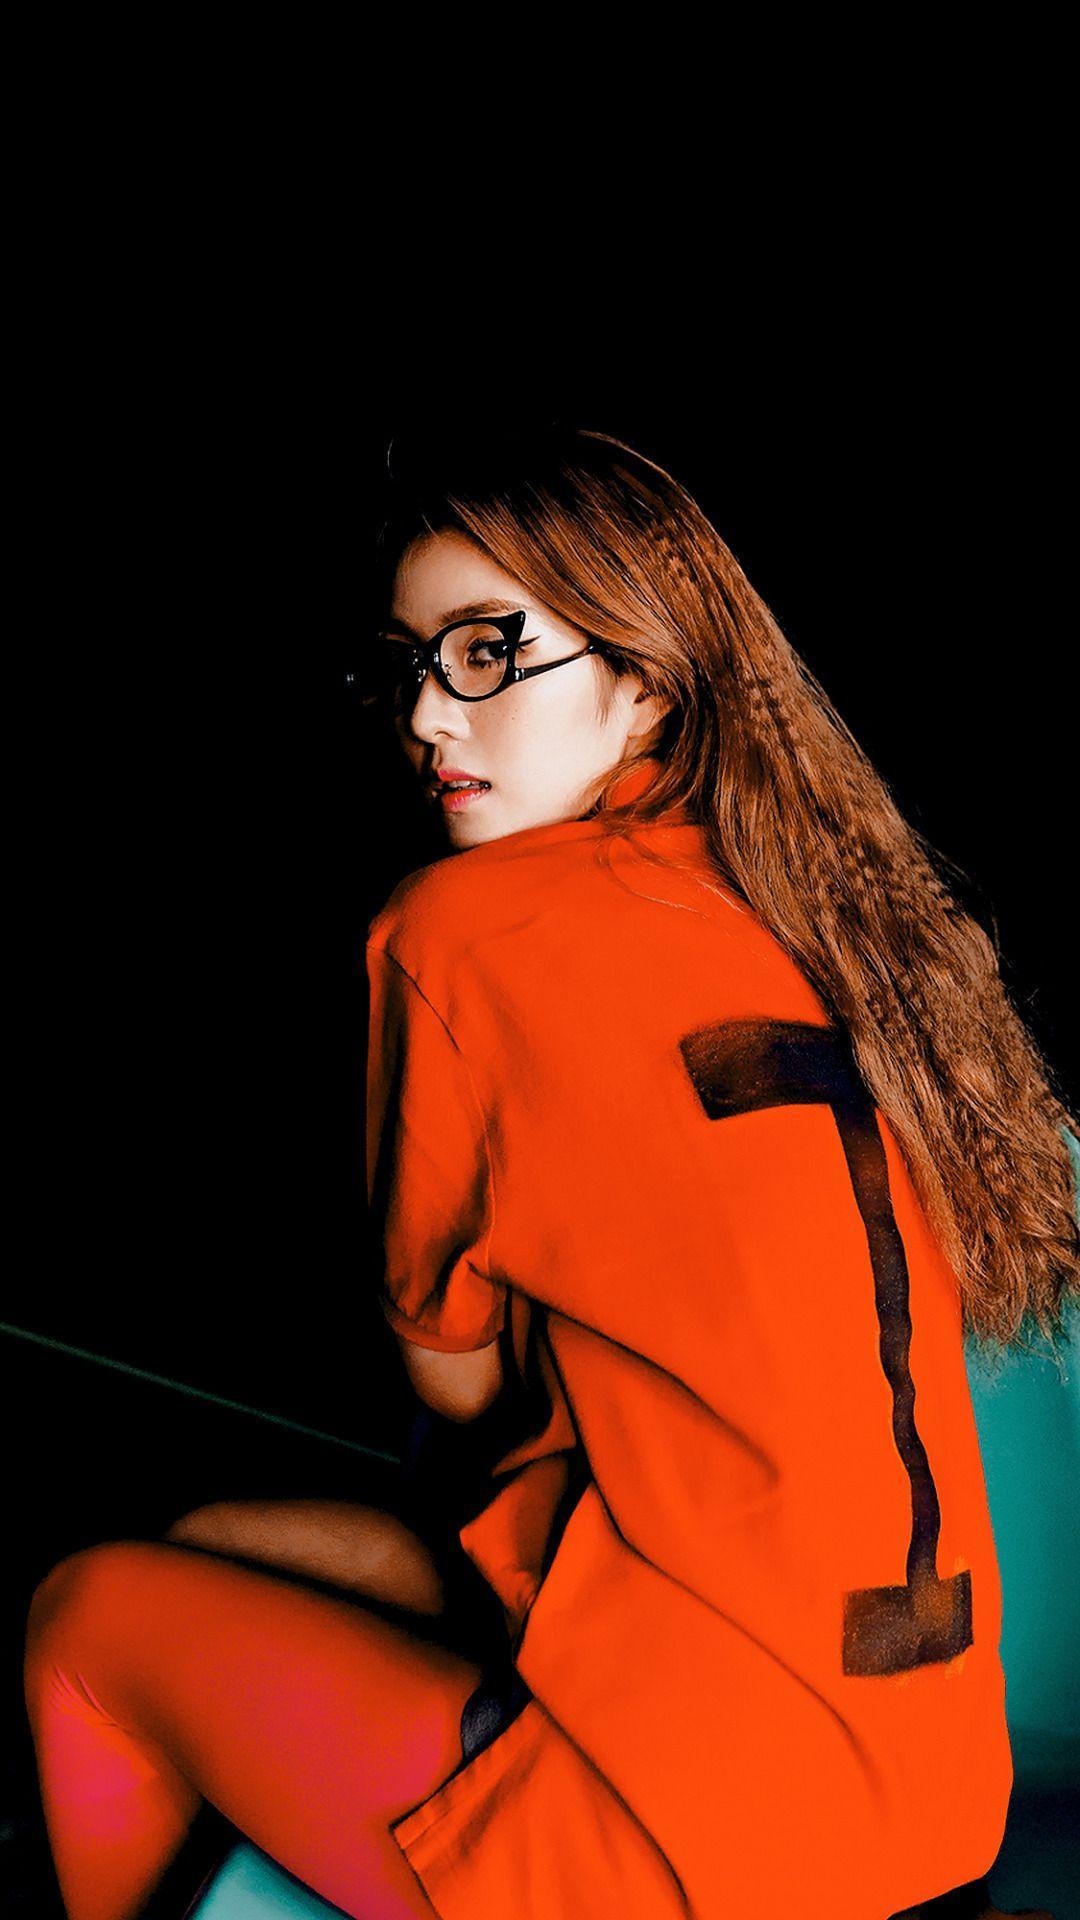 Red Velvet Wallpapers - Wallpaper Cave